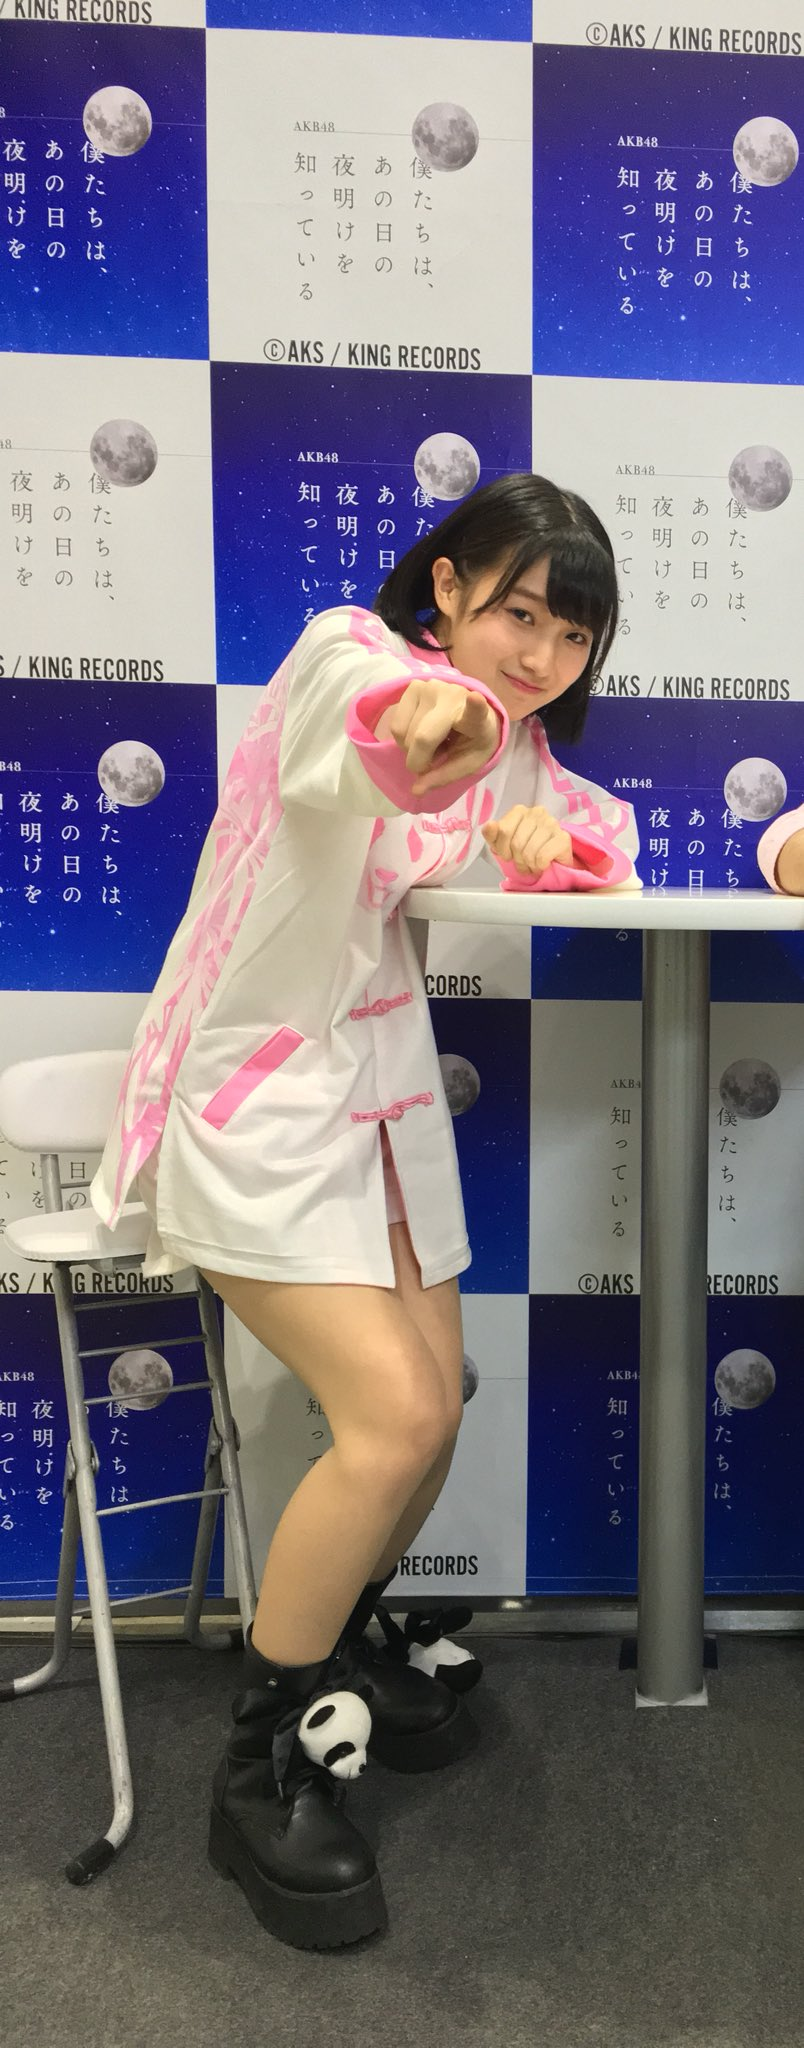 【NMB48ドラフト3期生】安部若菜の写メ会wwwwwwwwww